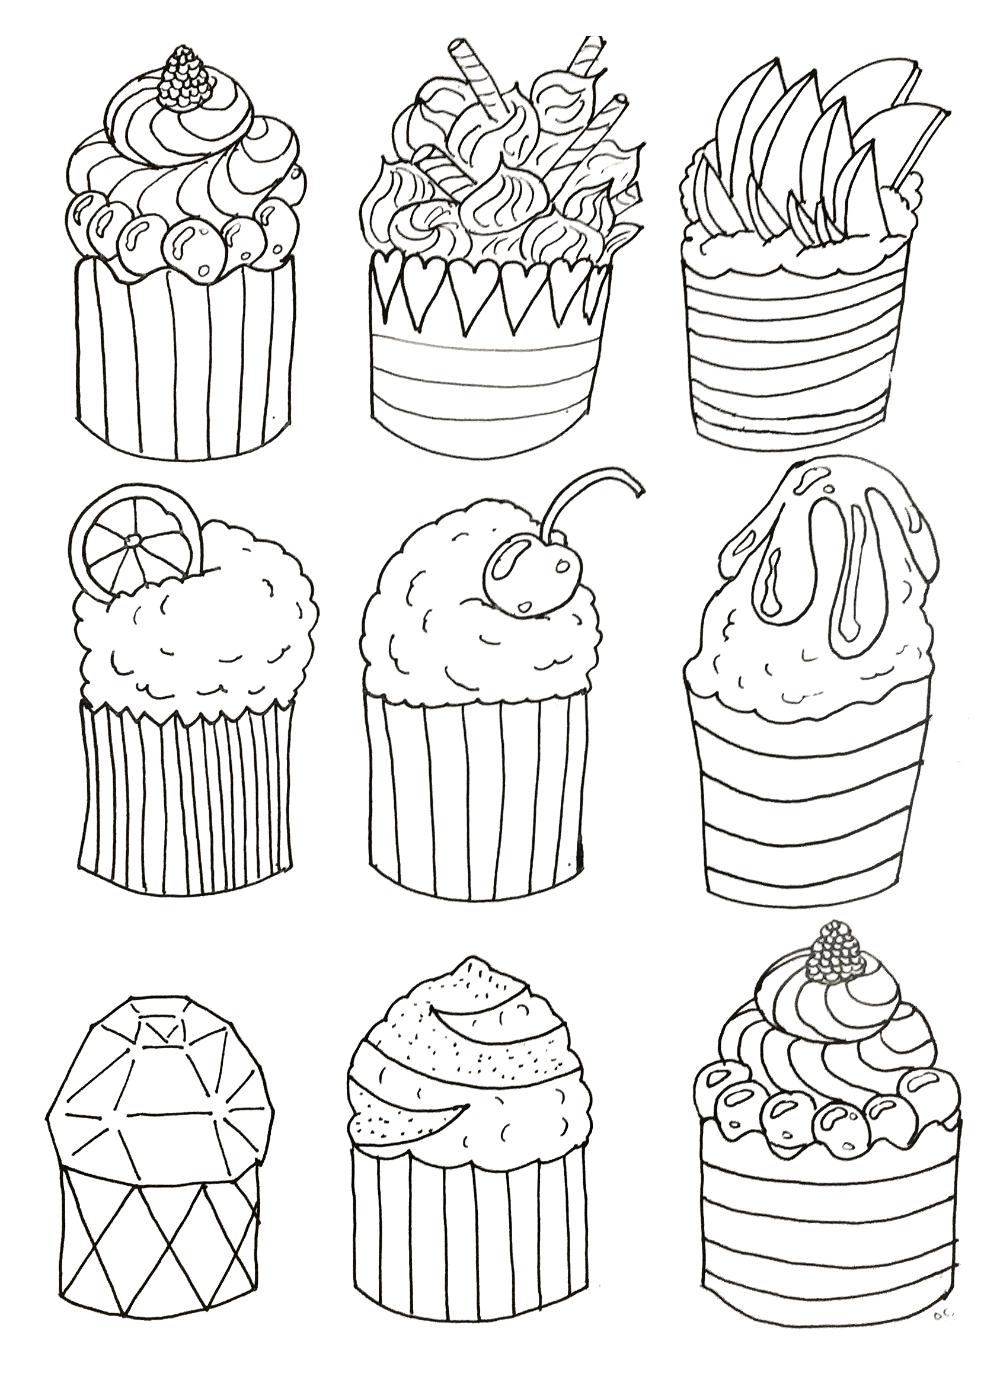 Simple Cup Cakes Coloriages Cupcakes Et Gateaux Just Color Licorne A Colorier Coloriage Livre De Couleur